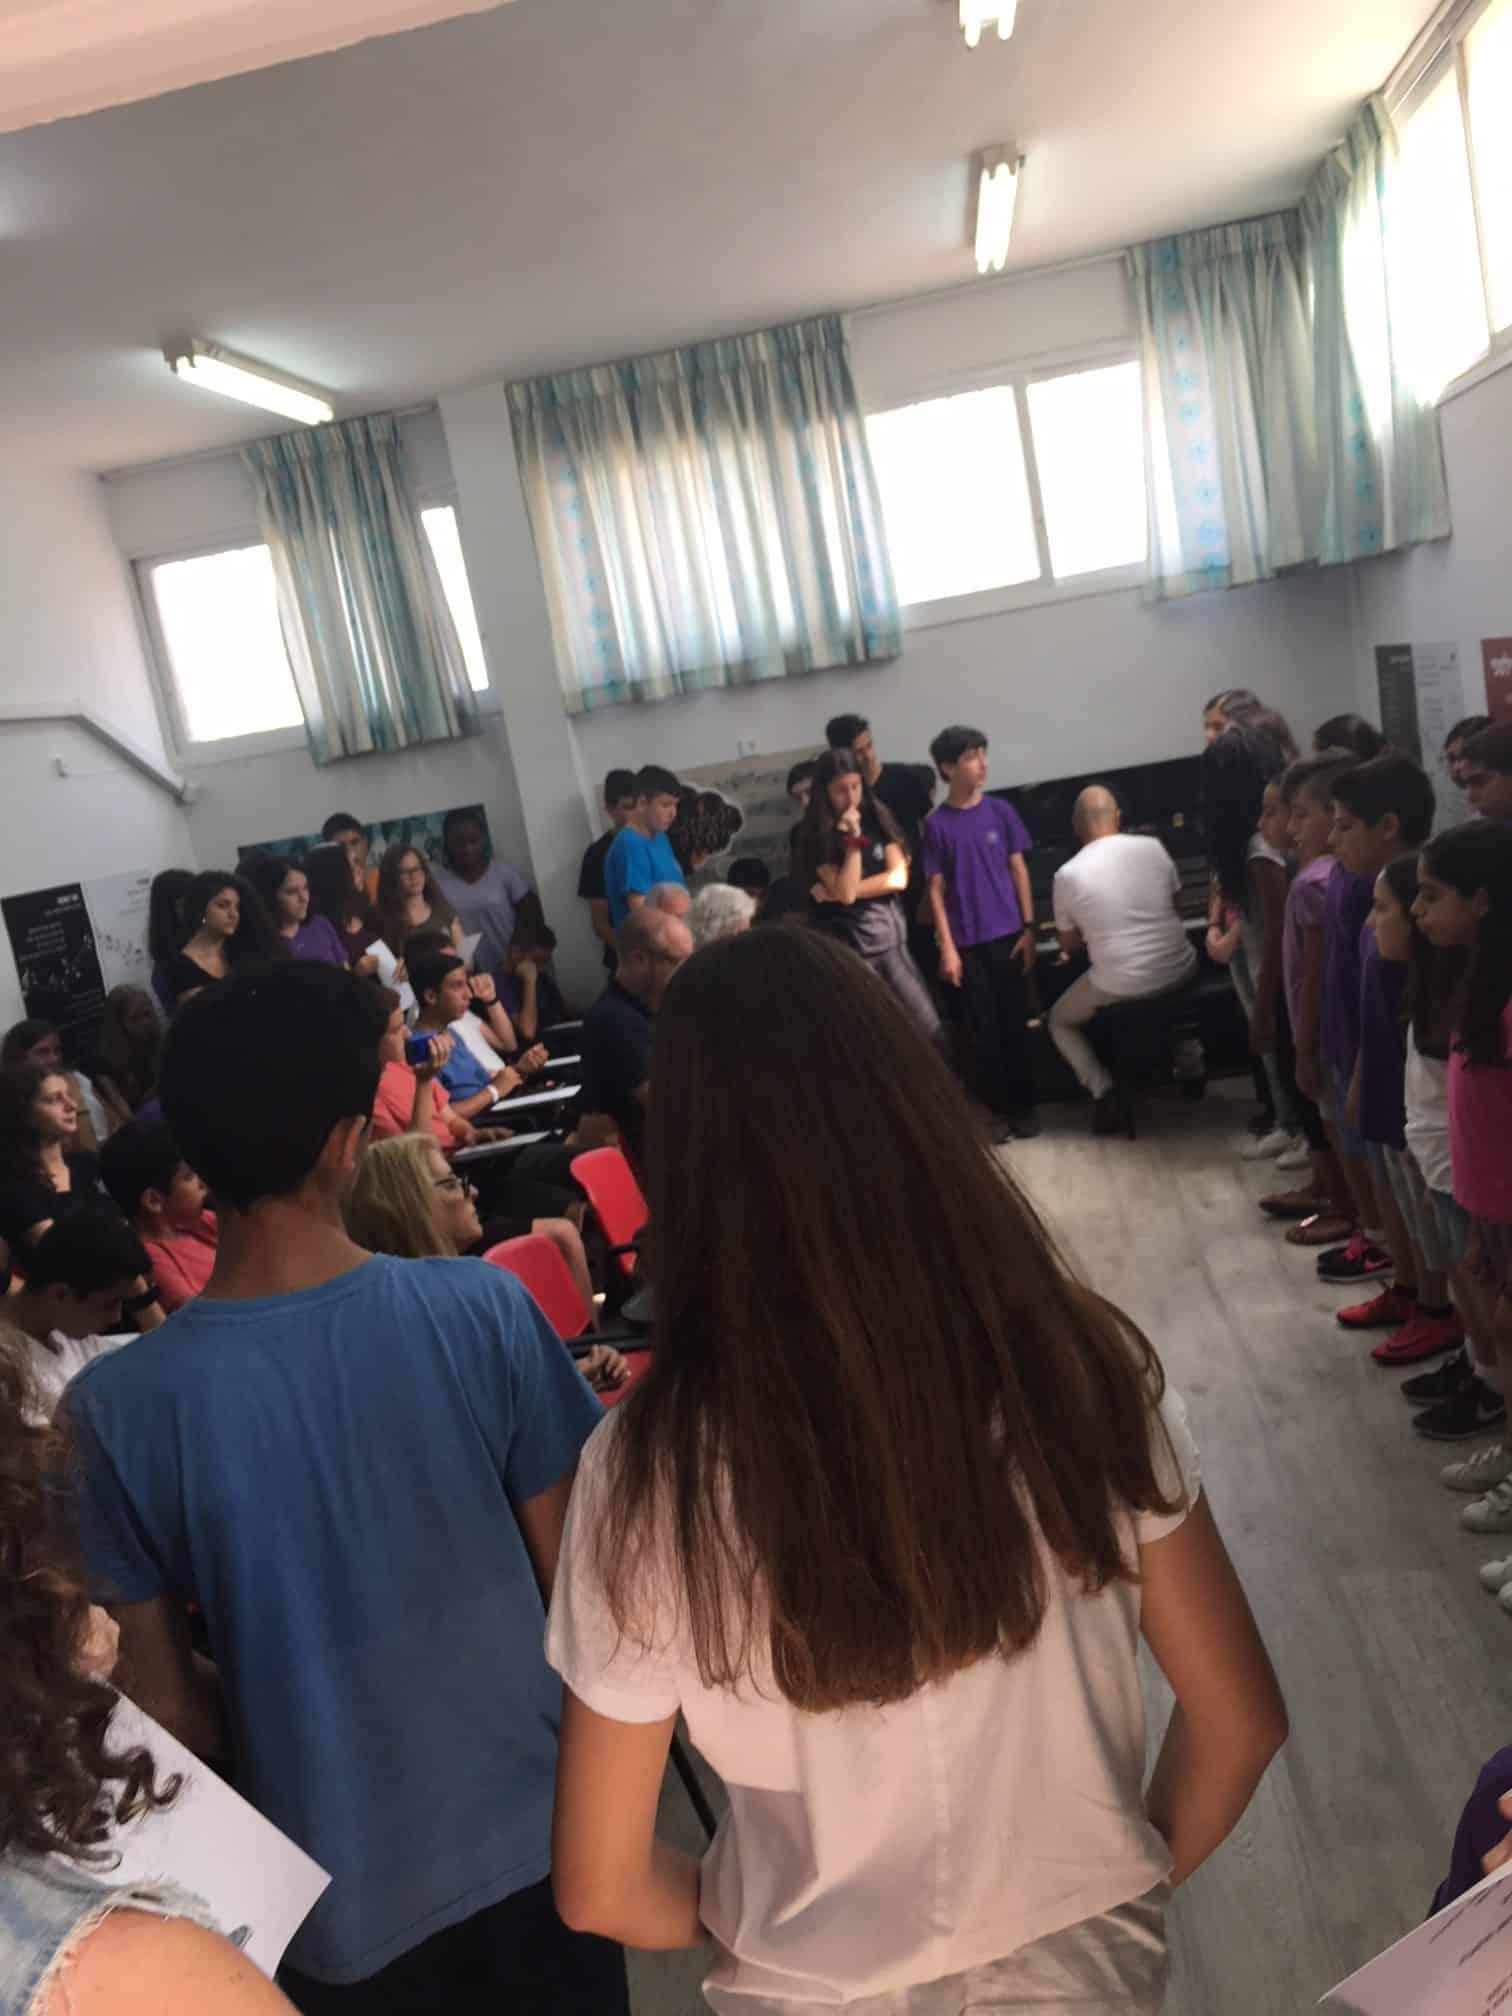 סגירת מעגל בבית ספר גבעולים, צילומים: באדיבות המשפחה